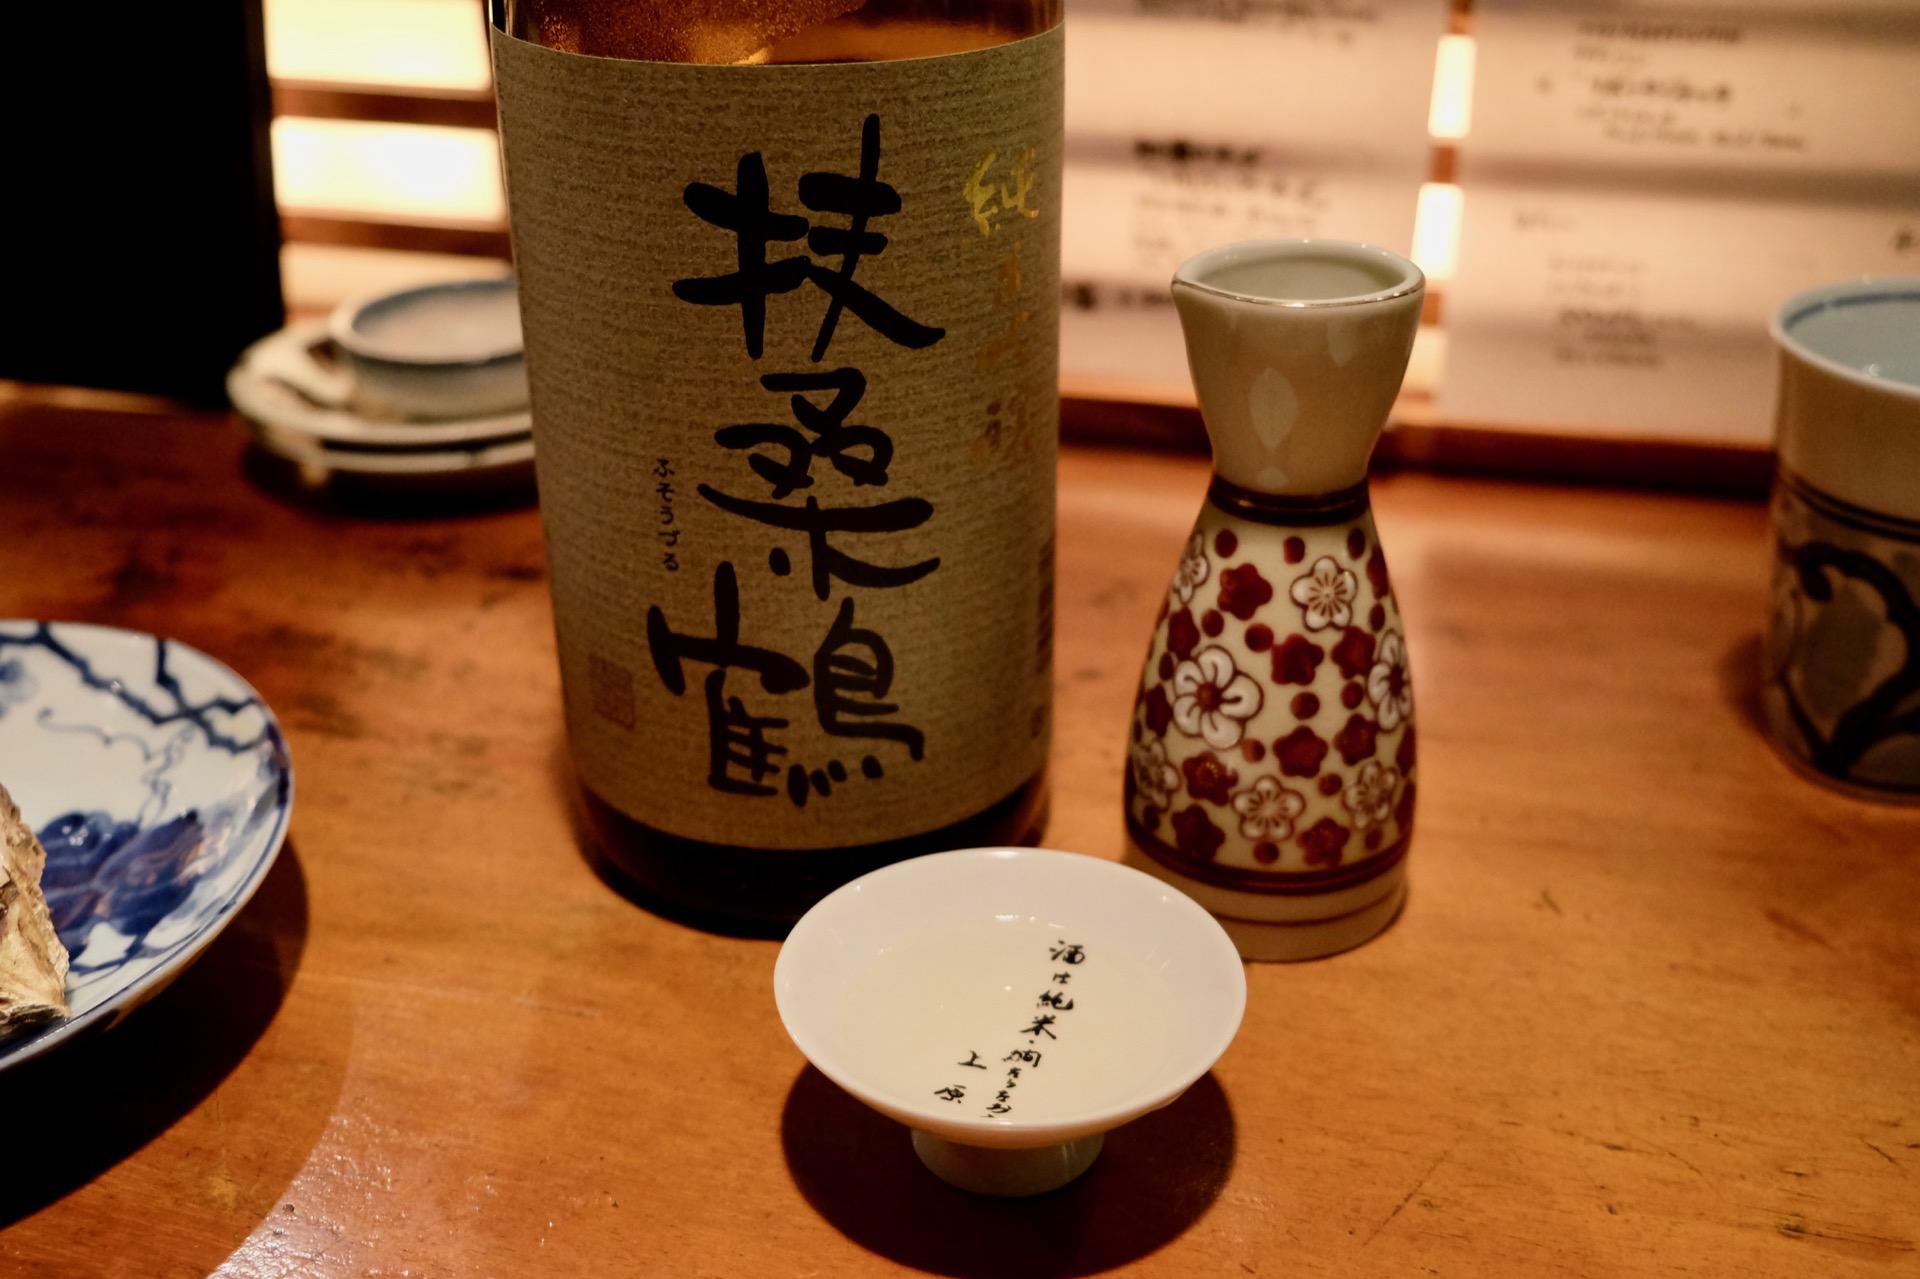 扶桑鶴 純米吟醸 雄町|日本酒テイスティングノート